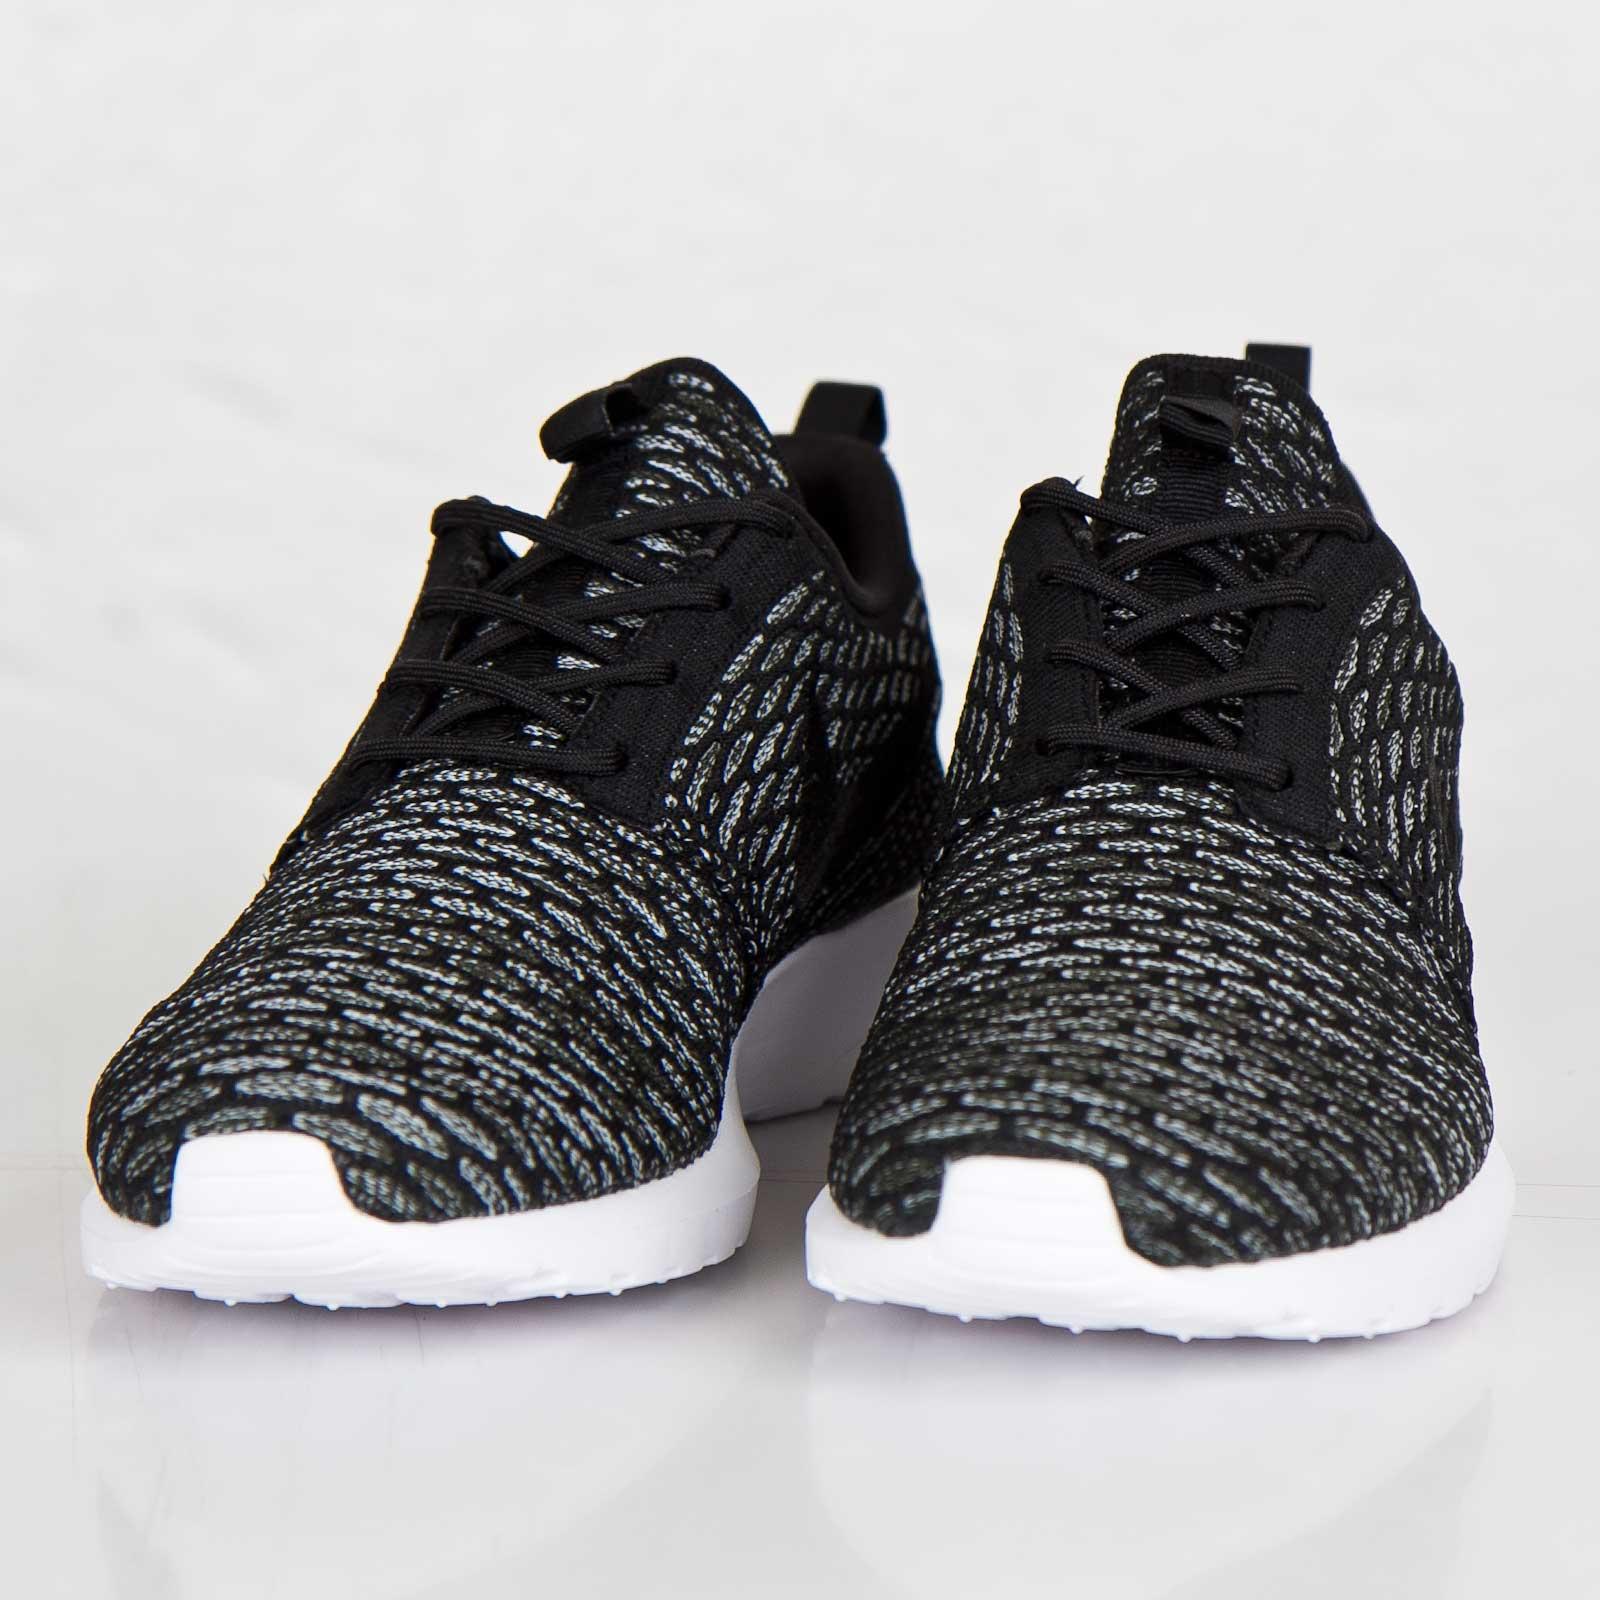 the latest b7fca 4c2a8 Nike Flyknit Roshe Run - 677243-003 - Sneakersnstuff   sneakers    streetwear online since 1999